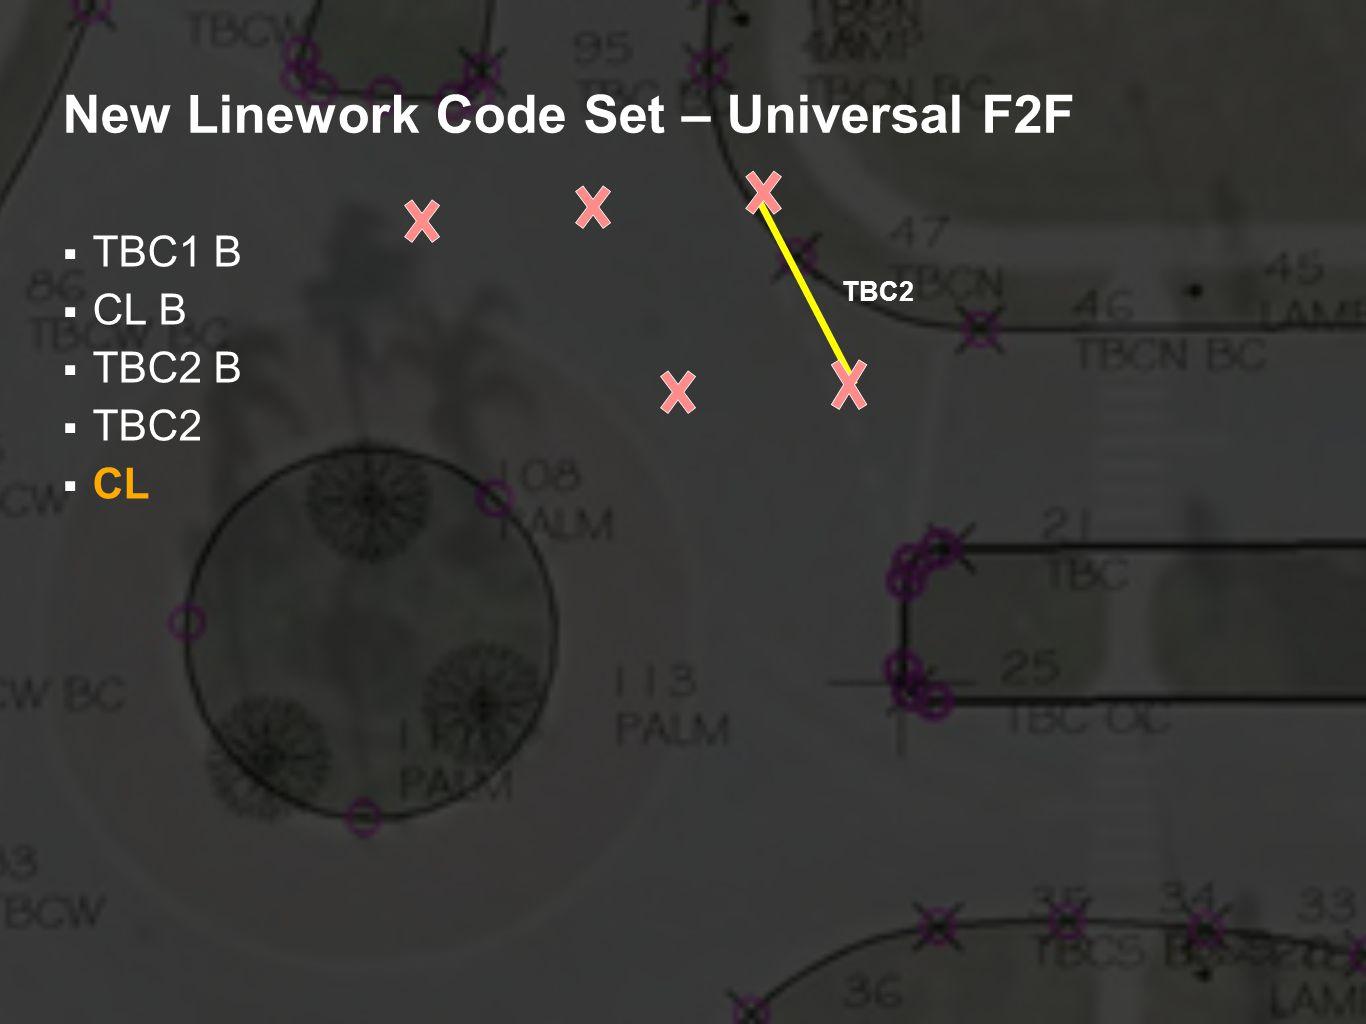 New Linework Code Set – Universal F2F TBC1 B CL B TBC2 B TBC2 CL TBC2